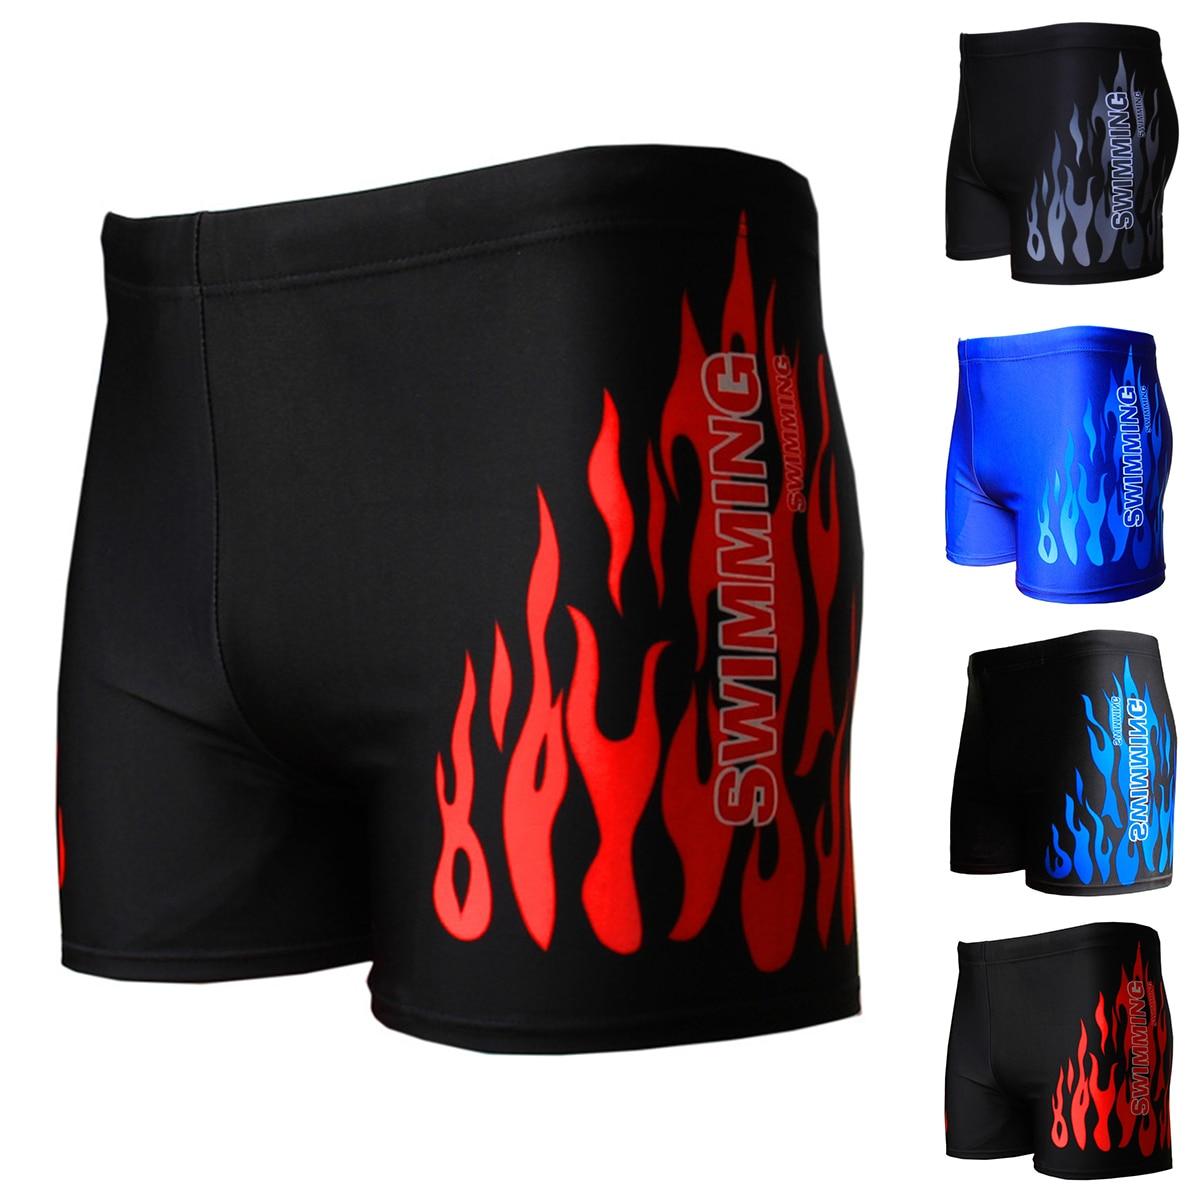 Hot sale Flame Pattern Men Male Swimwear Boxer Shorts Bathing Suit Trunks Swim Black Blue Beach Wear Briefs Swimsuit Beachwear